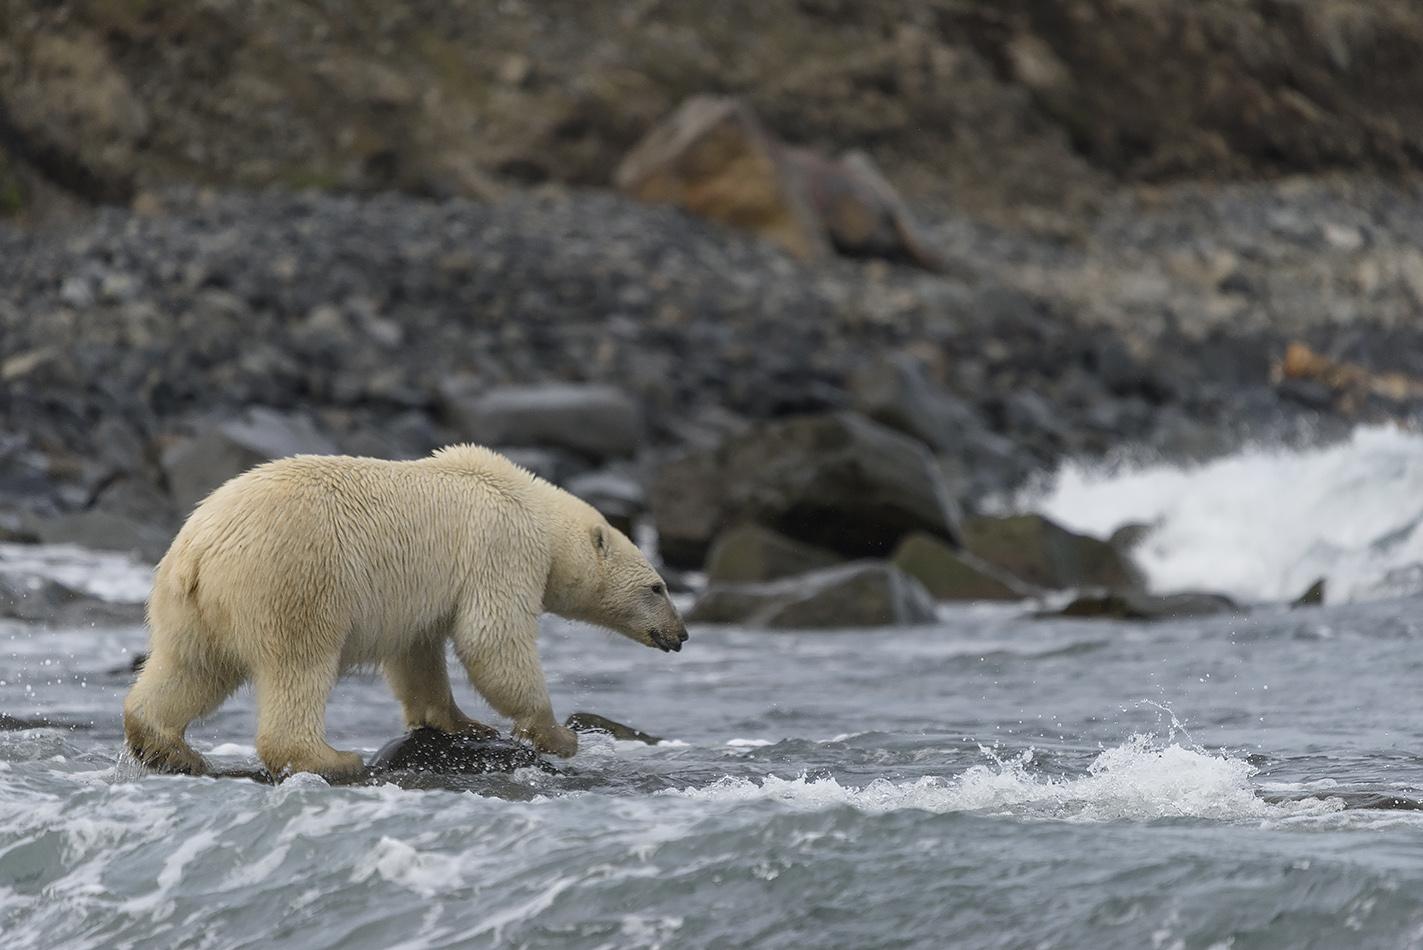 """фото """"Пошёл купаться"""" метки: природа, путешествия, Чукотка, белый медведь, животные, море, путешествие"""